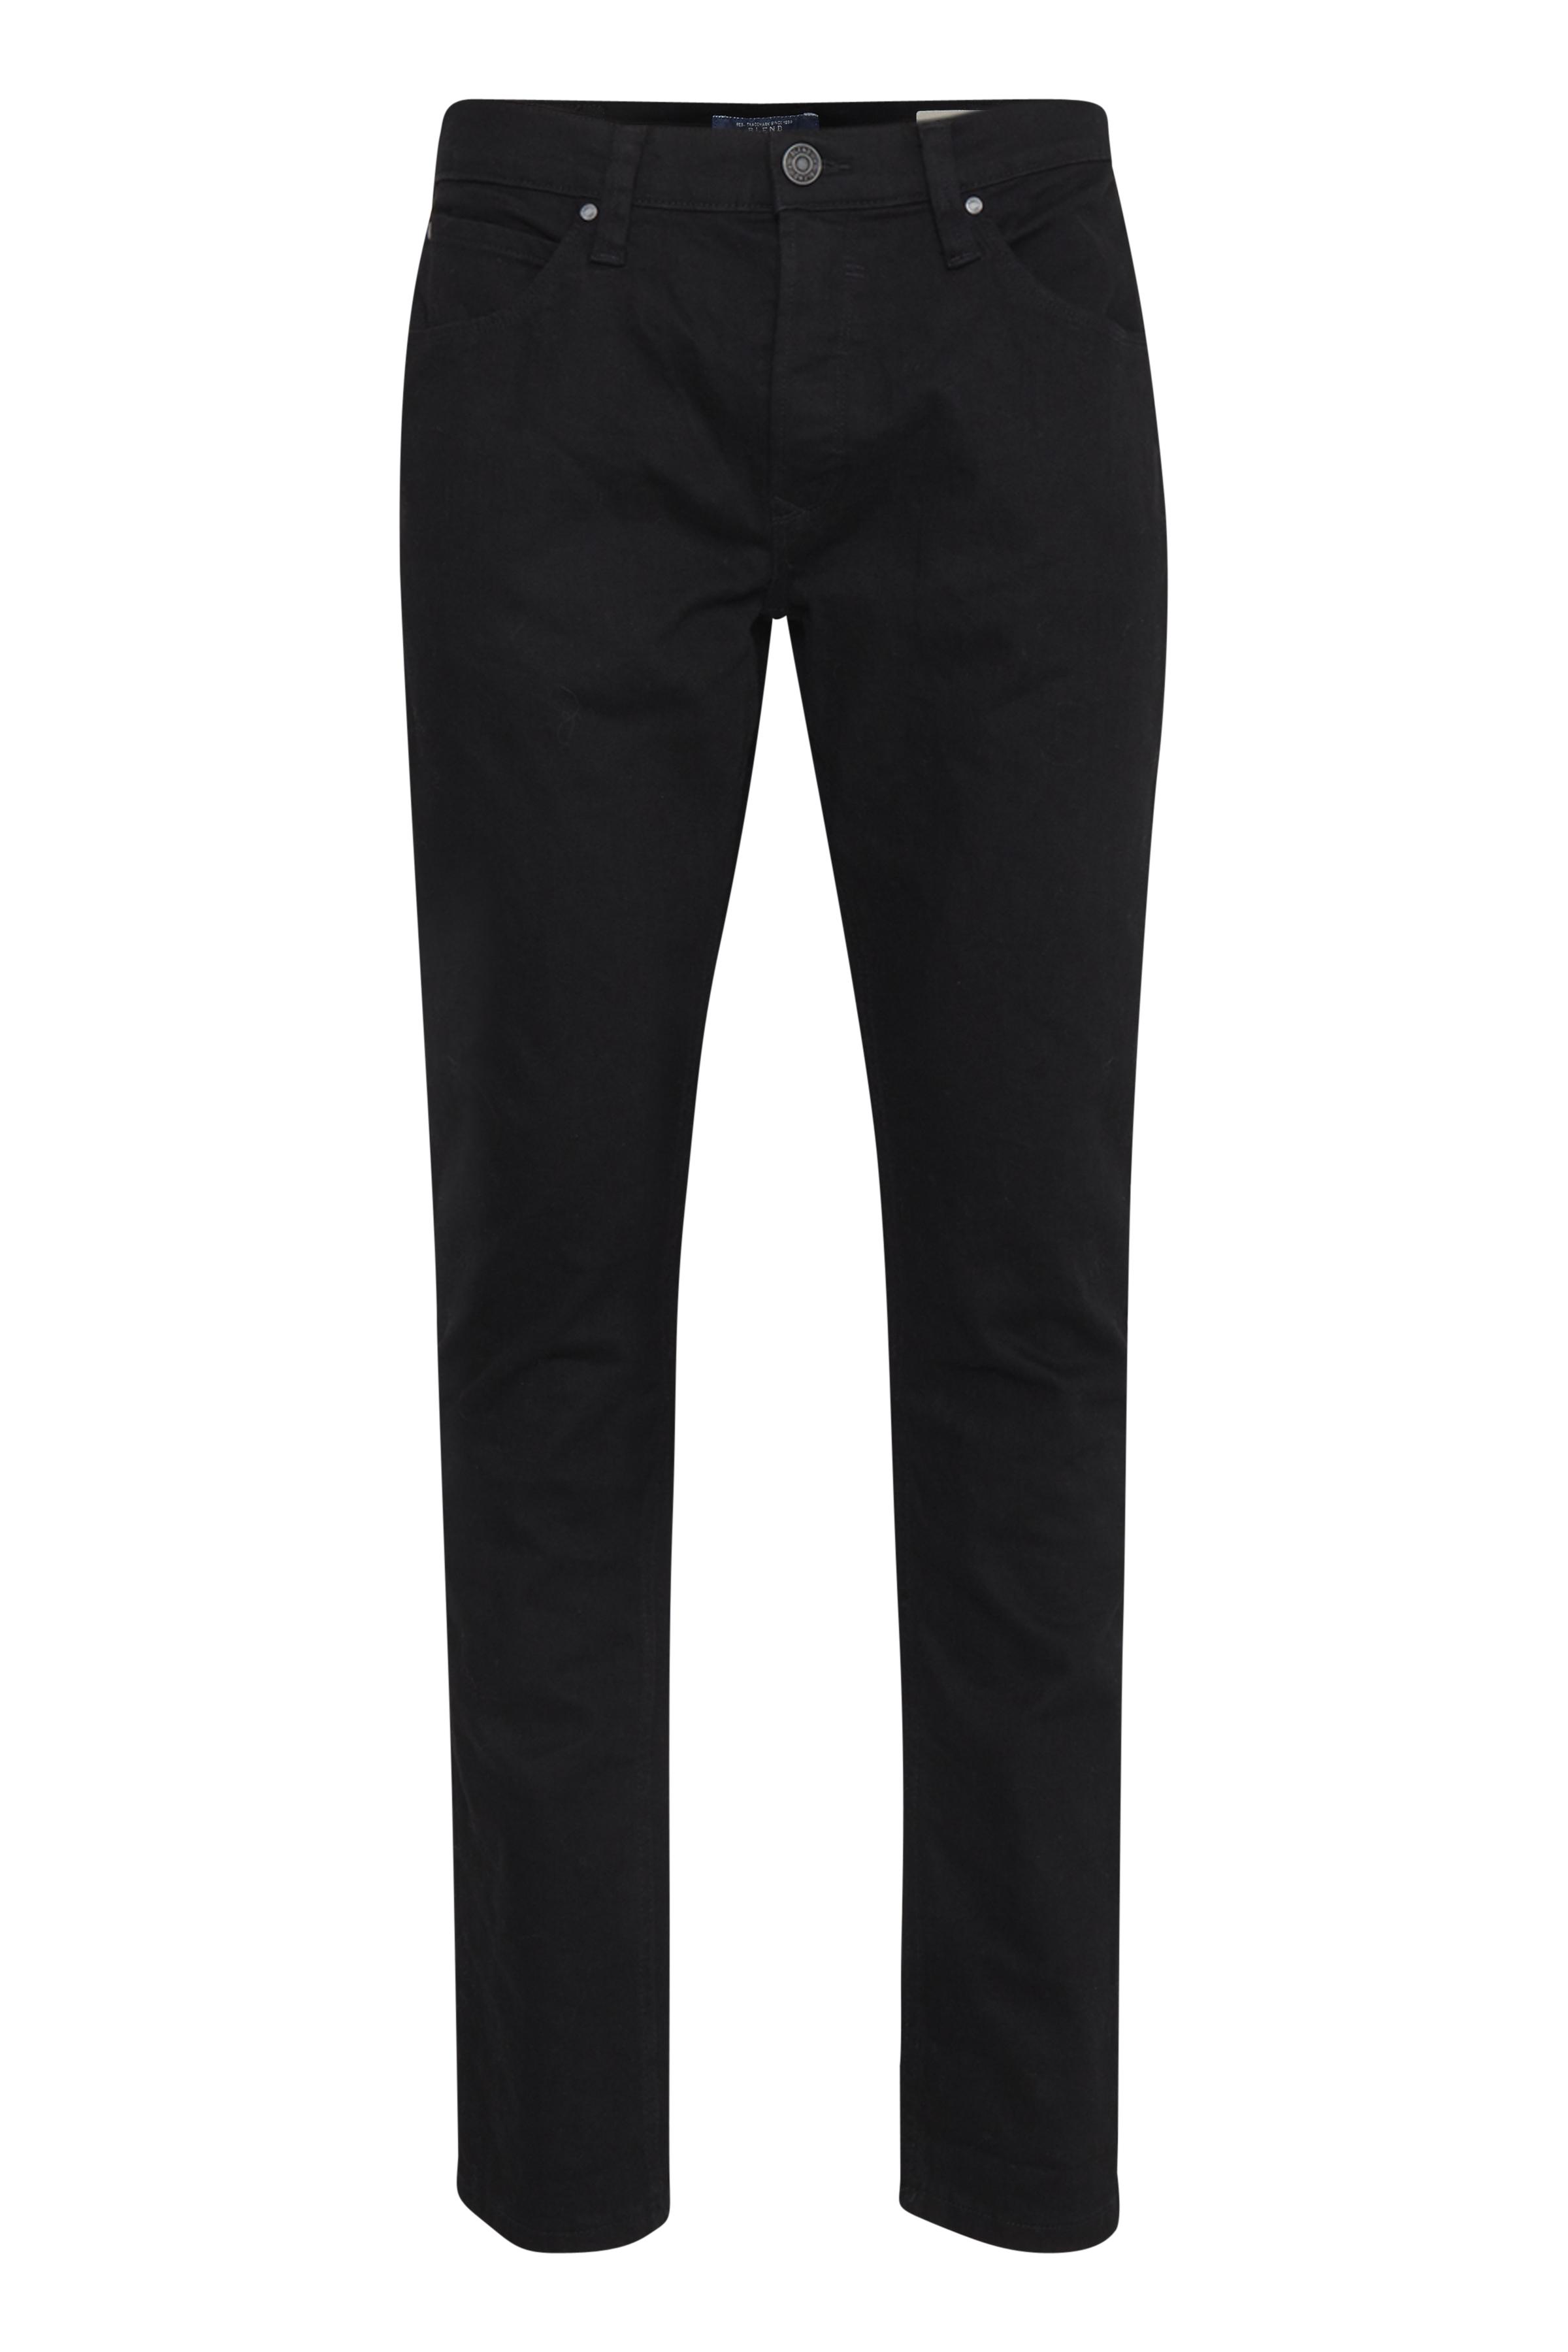 Image of Blend He Herre Jeans - Black